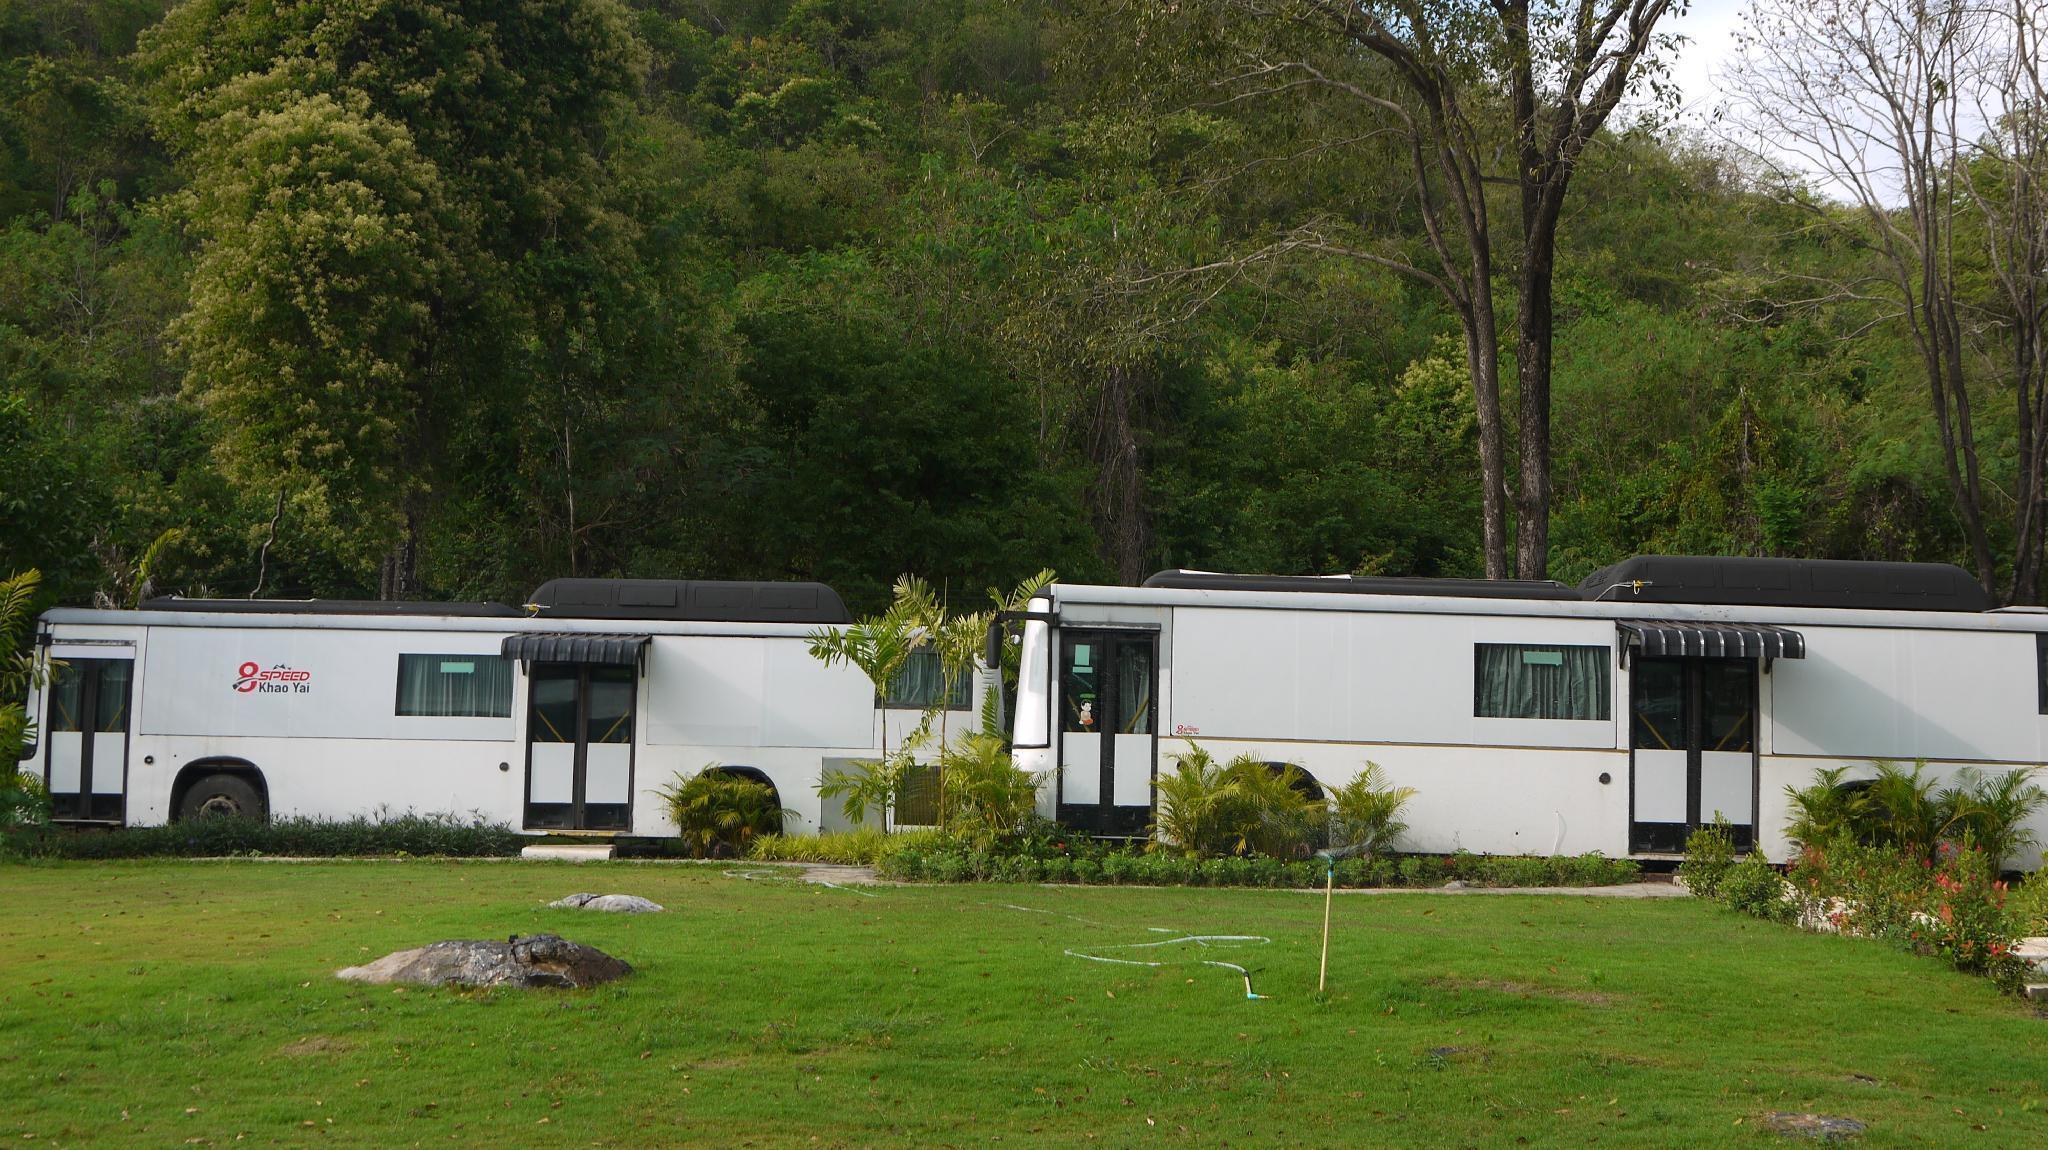 8speed HOME บังกะโล 2 ห้องนอน 2 ห้องน้ำส่วนตัว ขนาด 30 ตร.ม. – อุทยานแห่งชาติเขาใหญ่